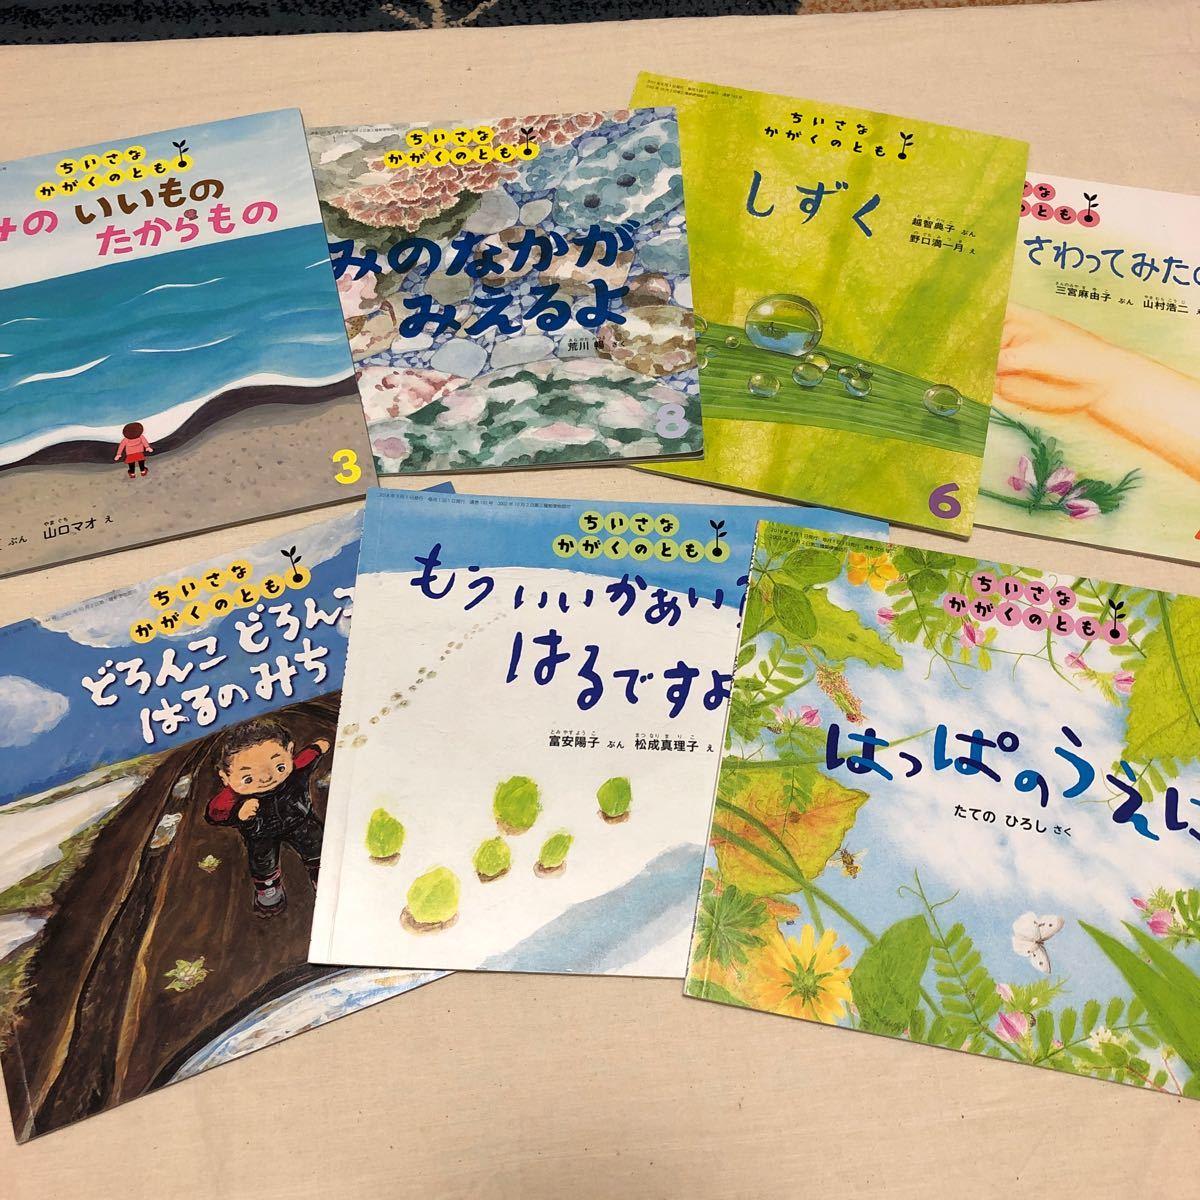 ちいさなかがくのとも 7冊セット 春・夏の本